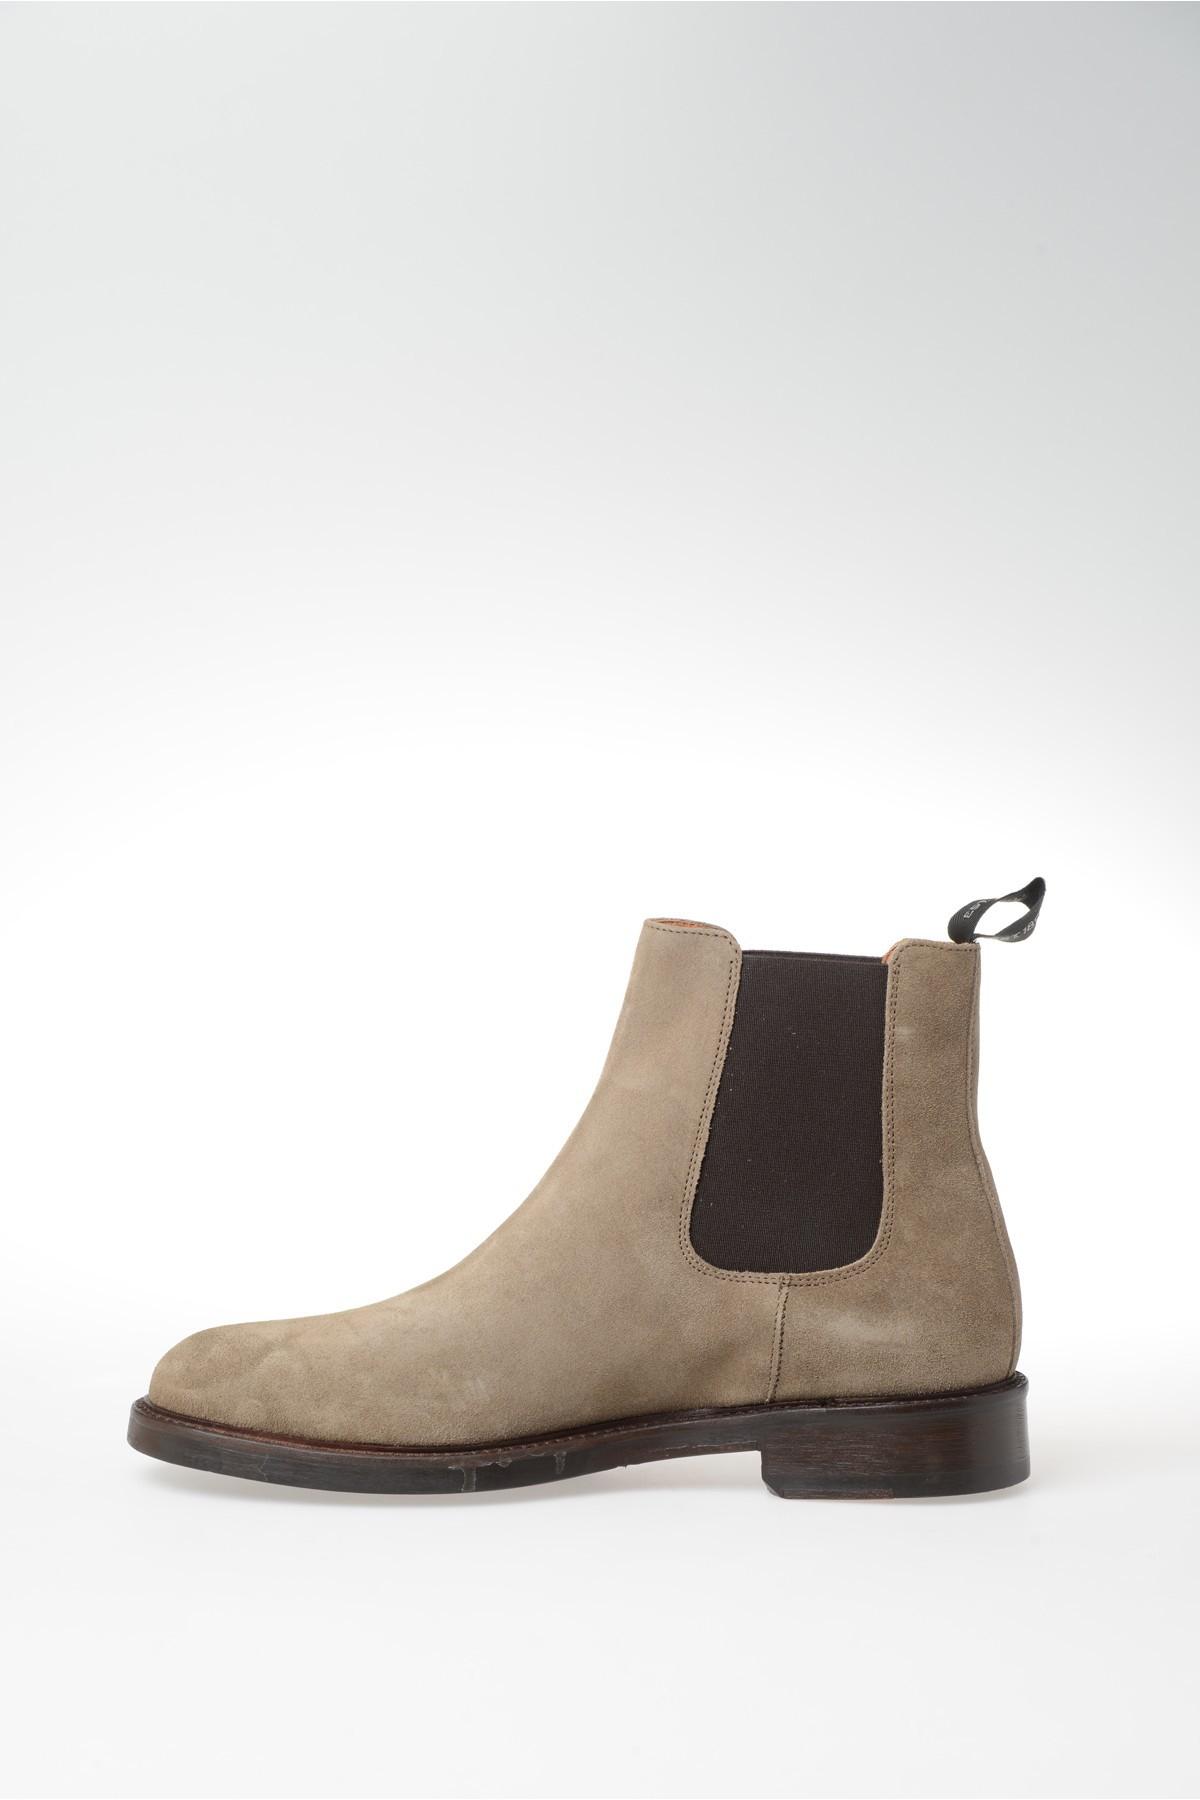 florsheim suede chelsea boots in beige for men lyst. Black Bedroom Furniture Sets. Home Design Ideas